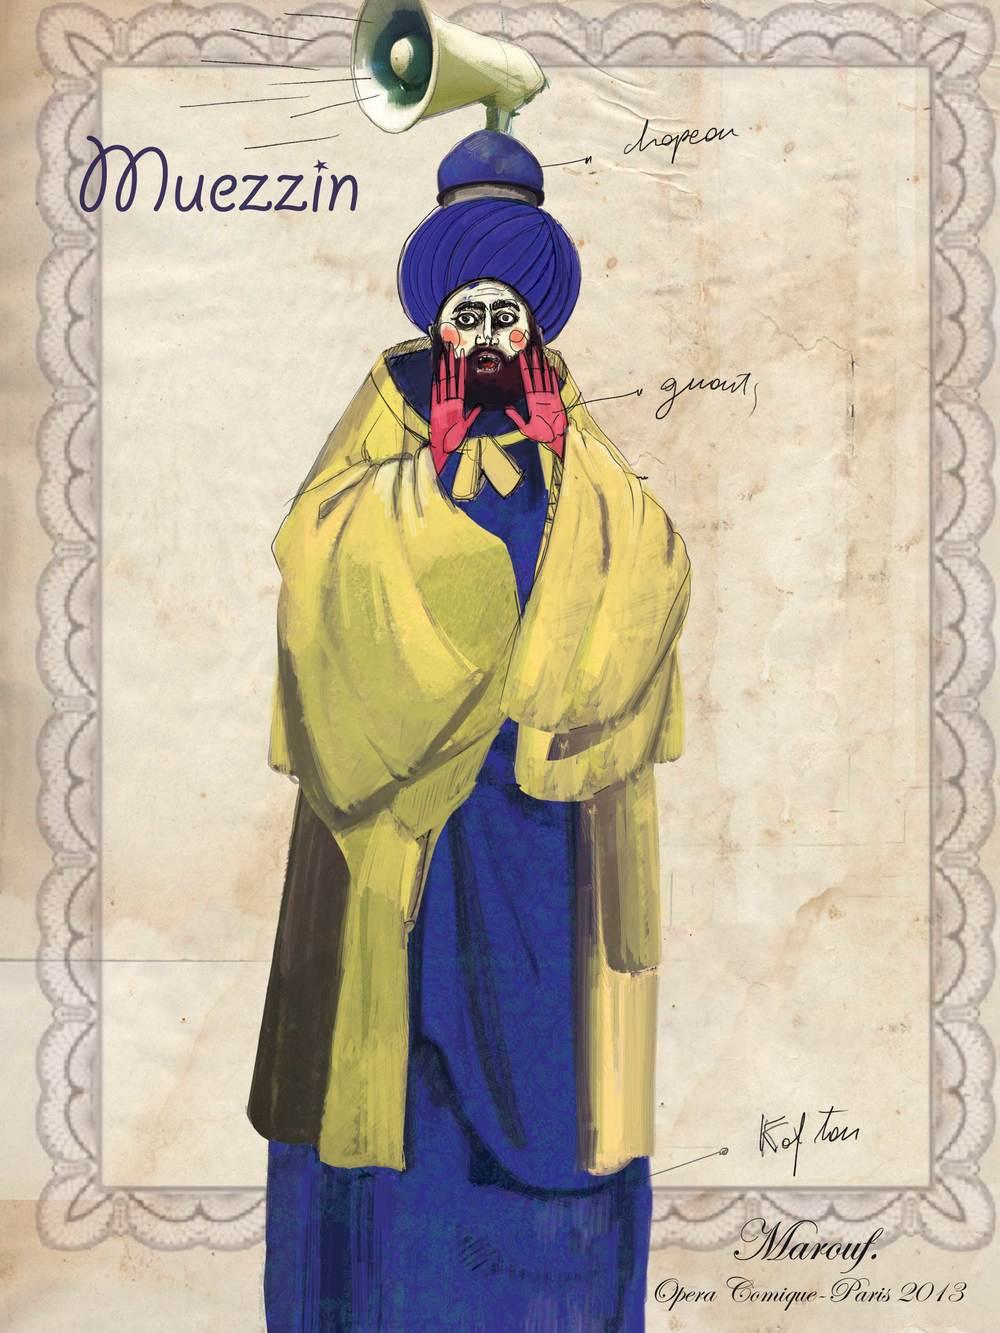 muezzin-megaphone-.jpg